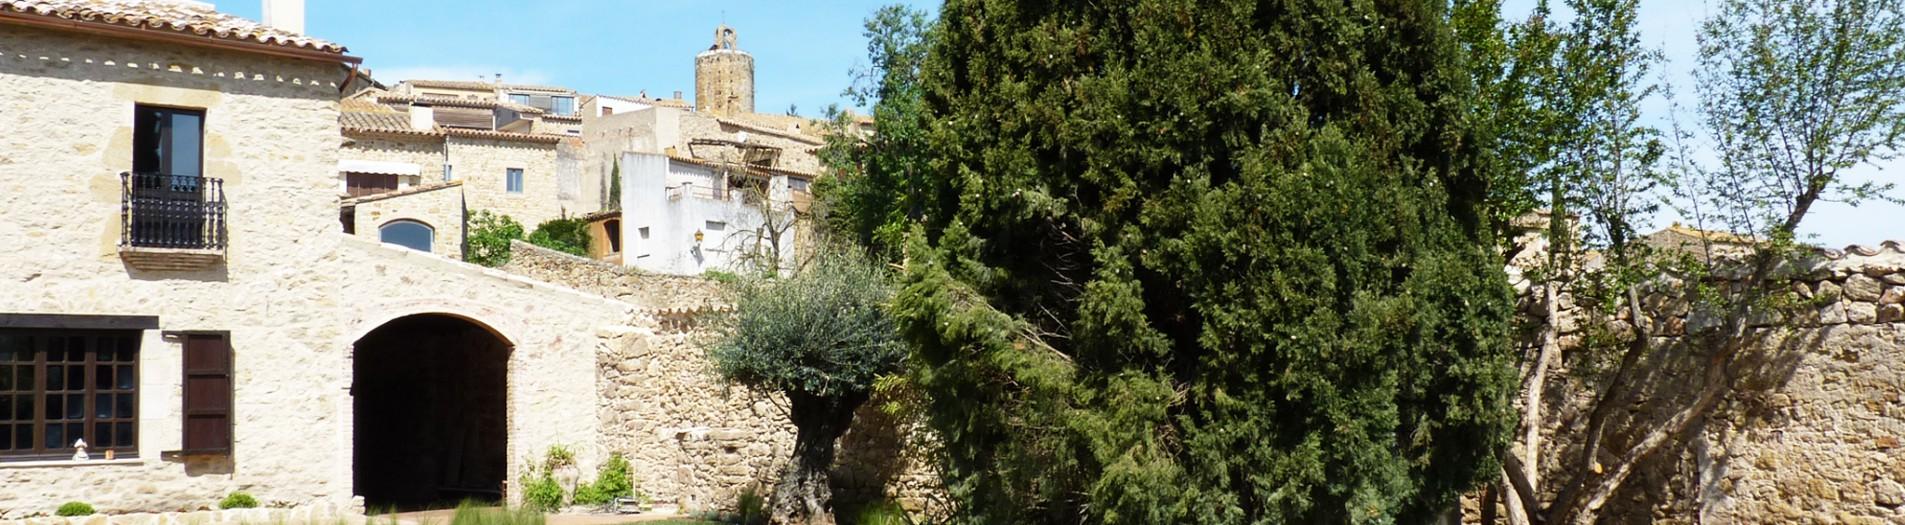 Jardín de pueblo en Empordà